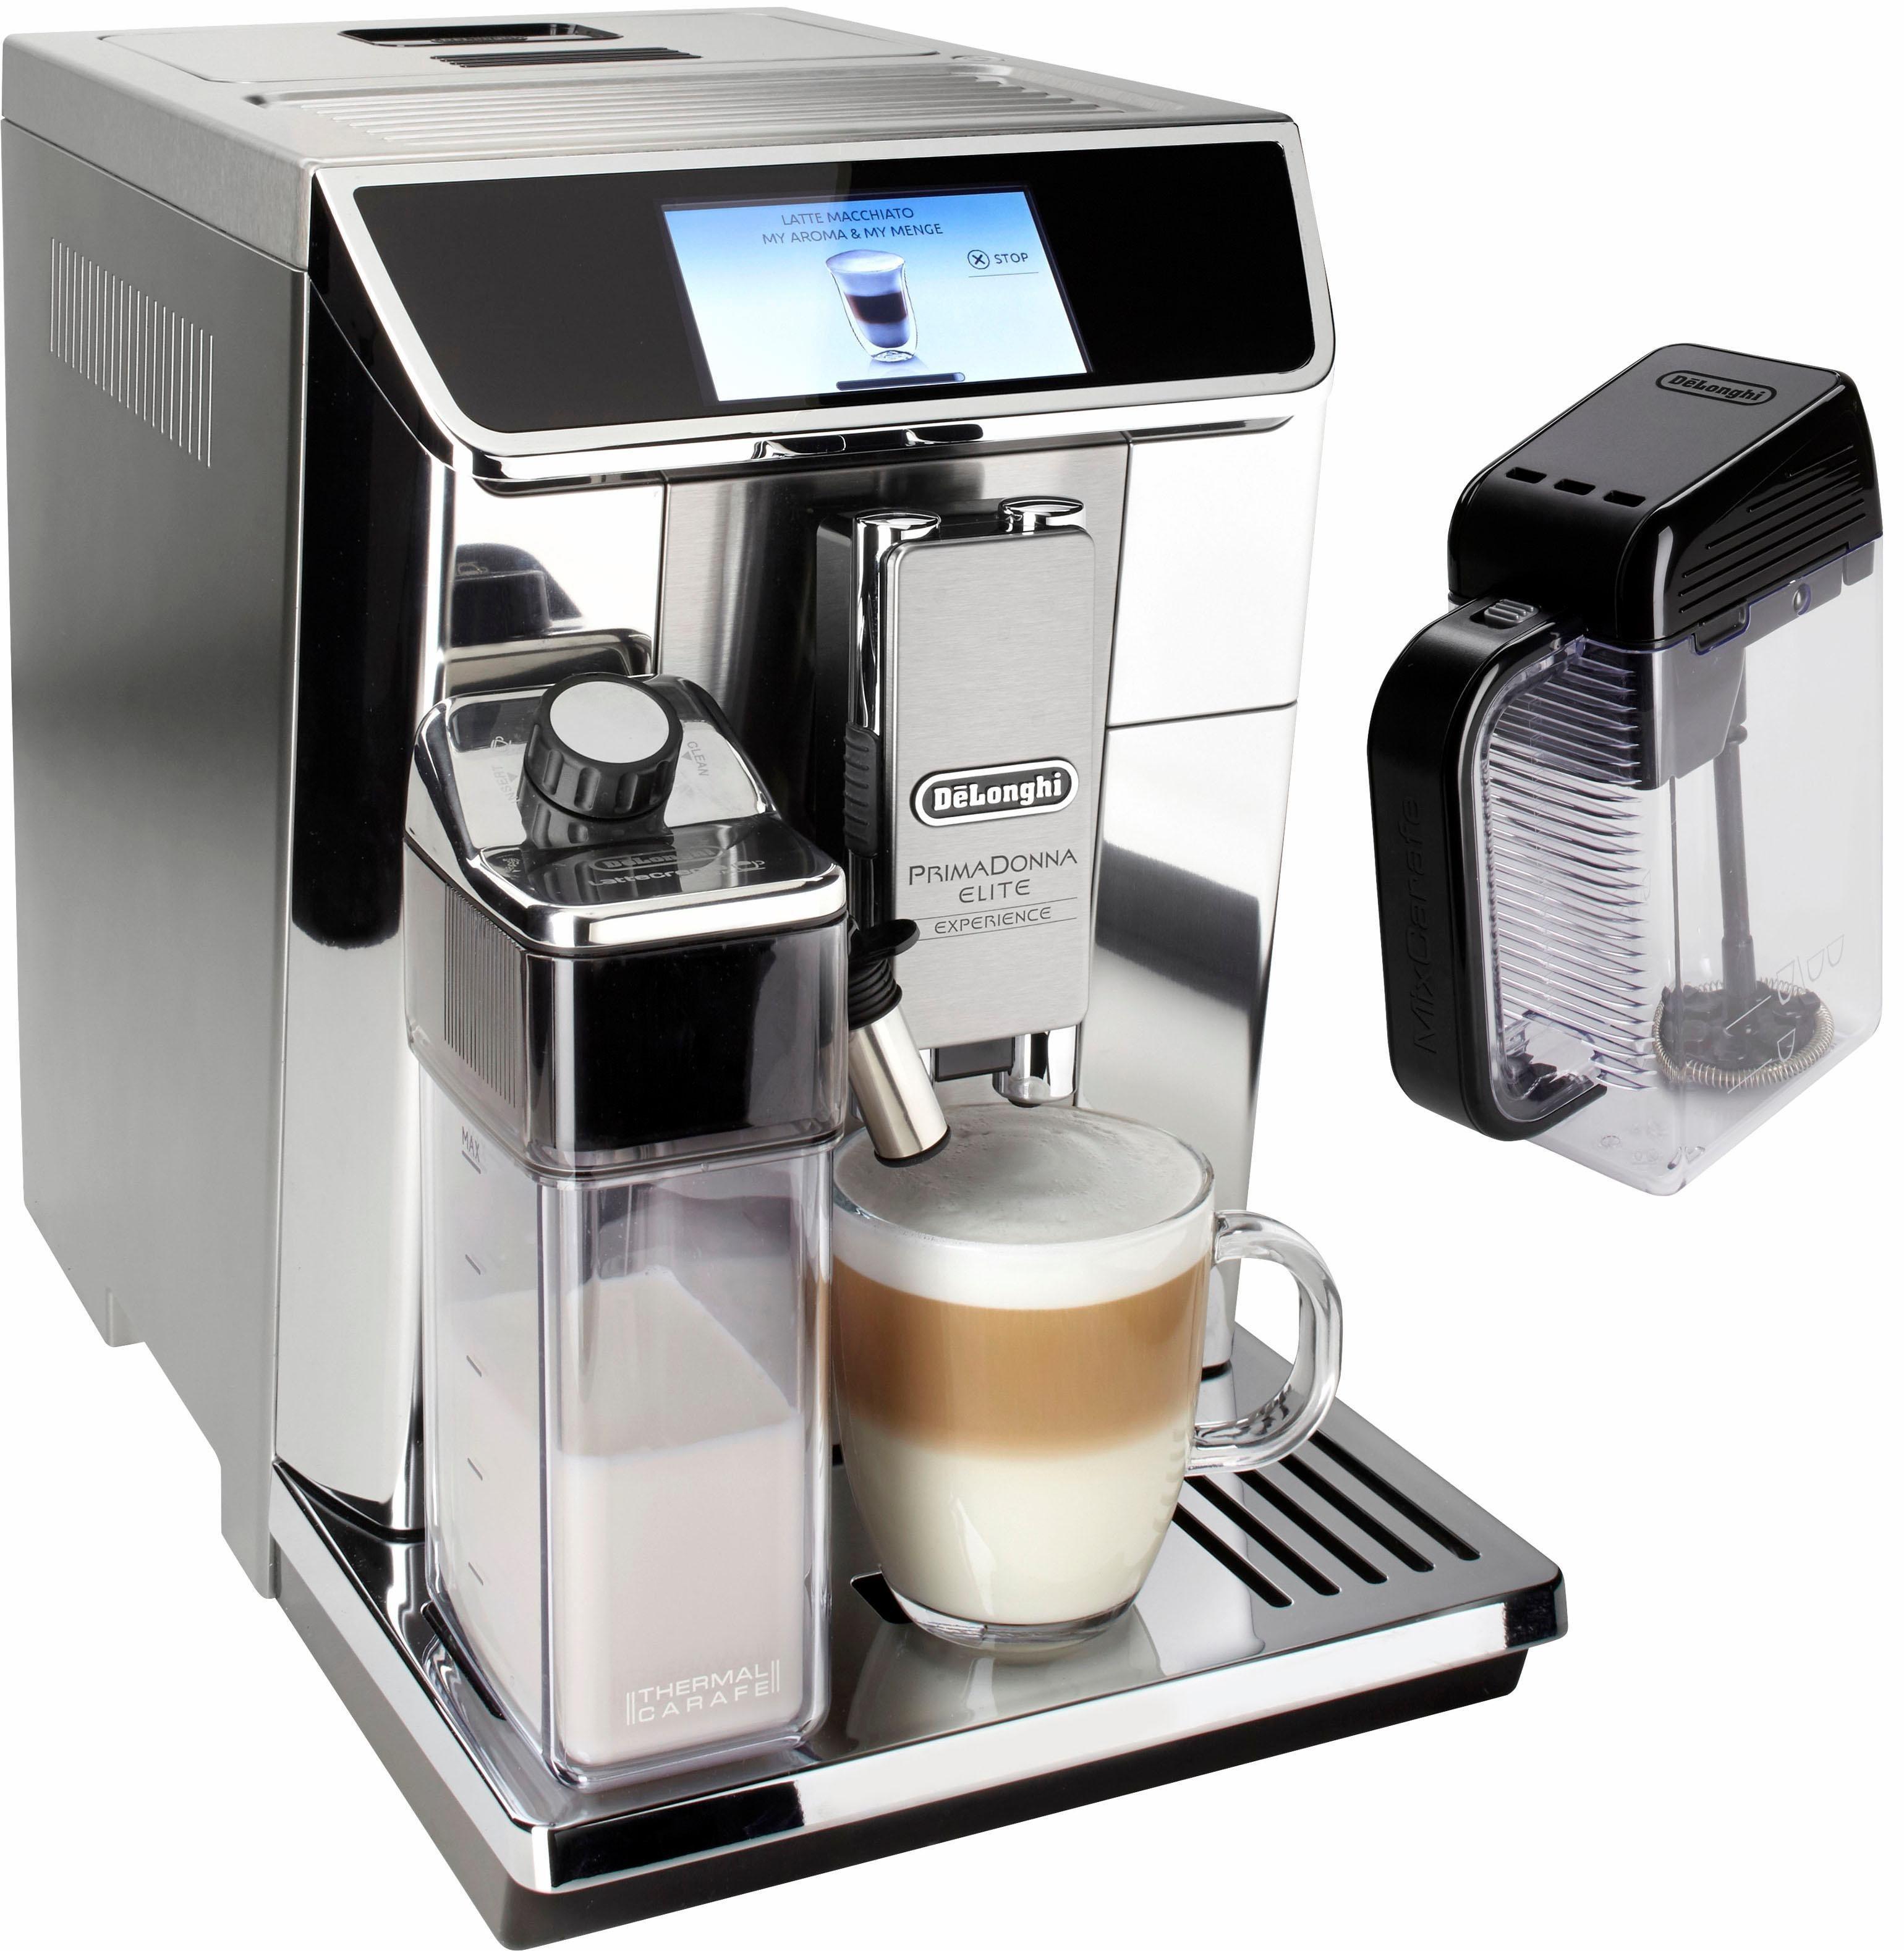 Kaffeevollautomat PrimaDonna Elite Experience ECAM 656.85.MS, auch für Kaltgetränkevariationen